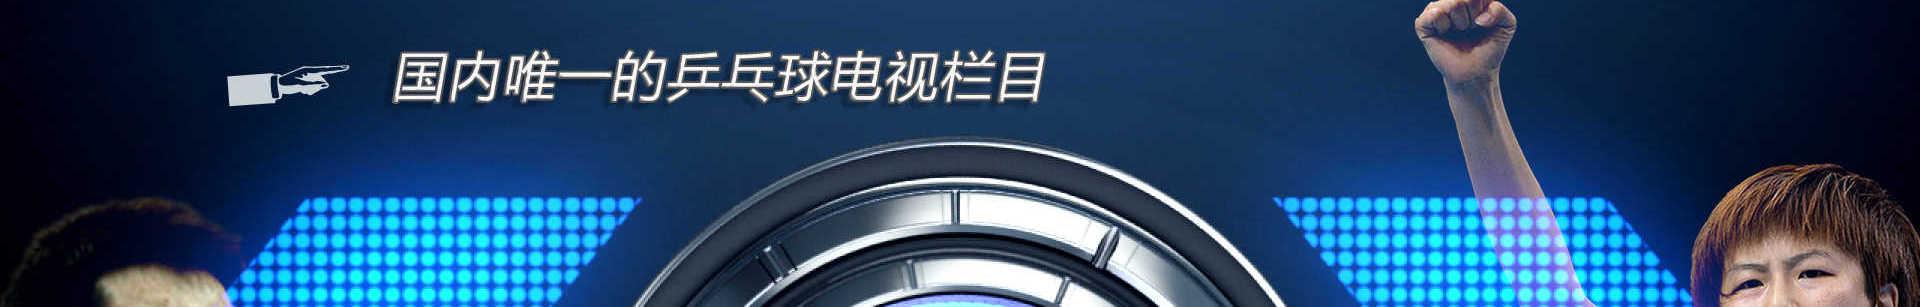 斯帝卡乒乓王国 banner